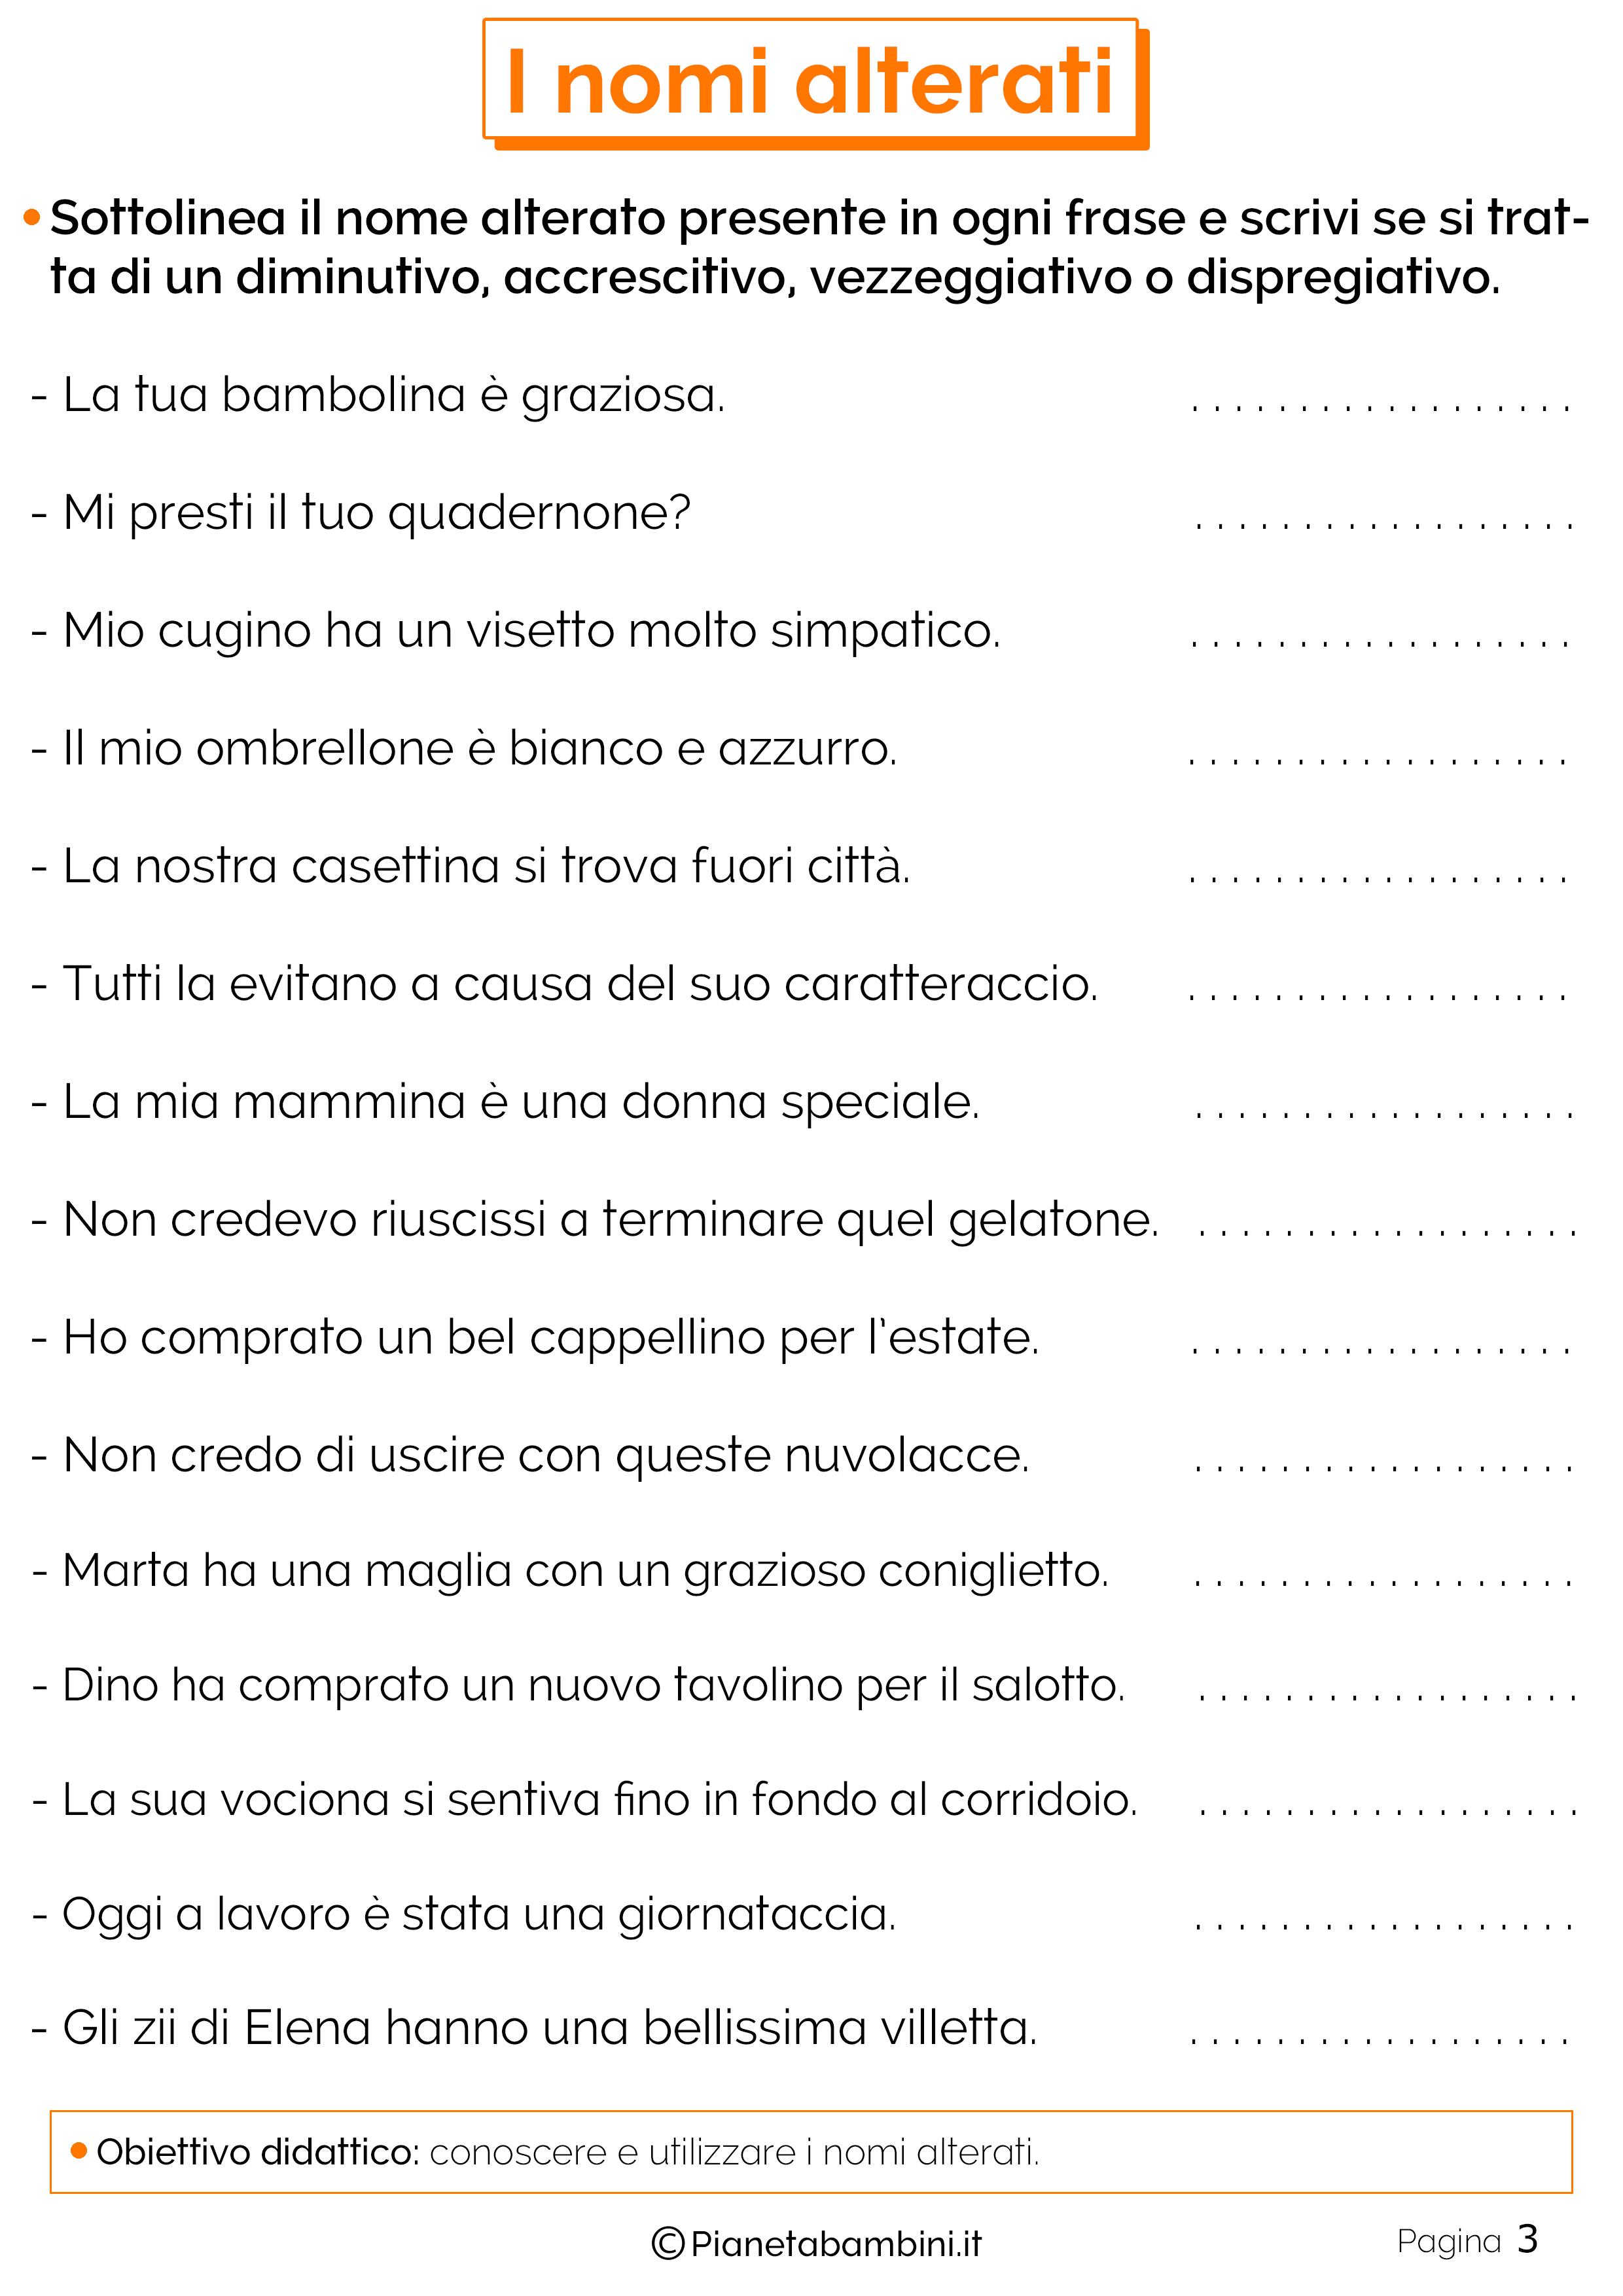 Esercizi sui nomi alterati 3